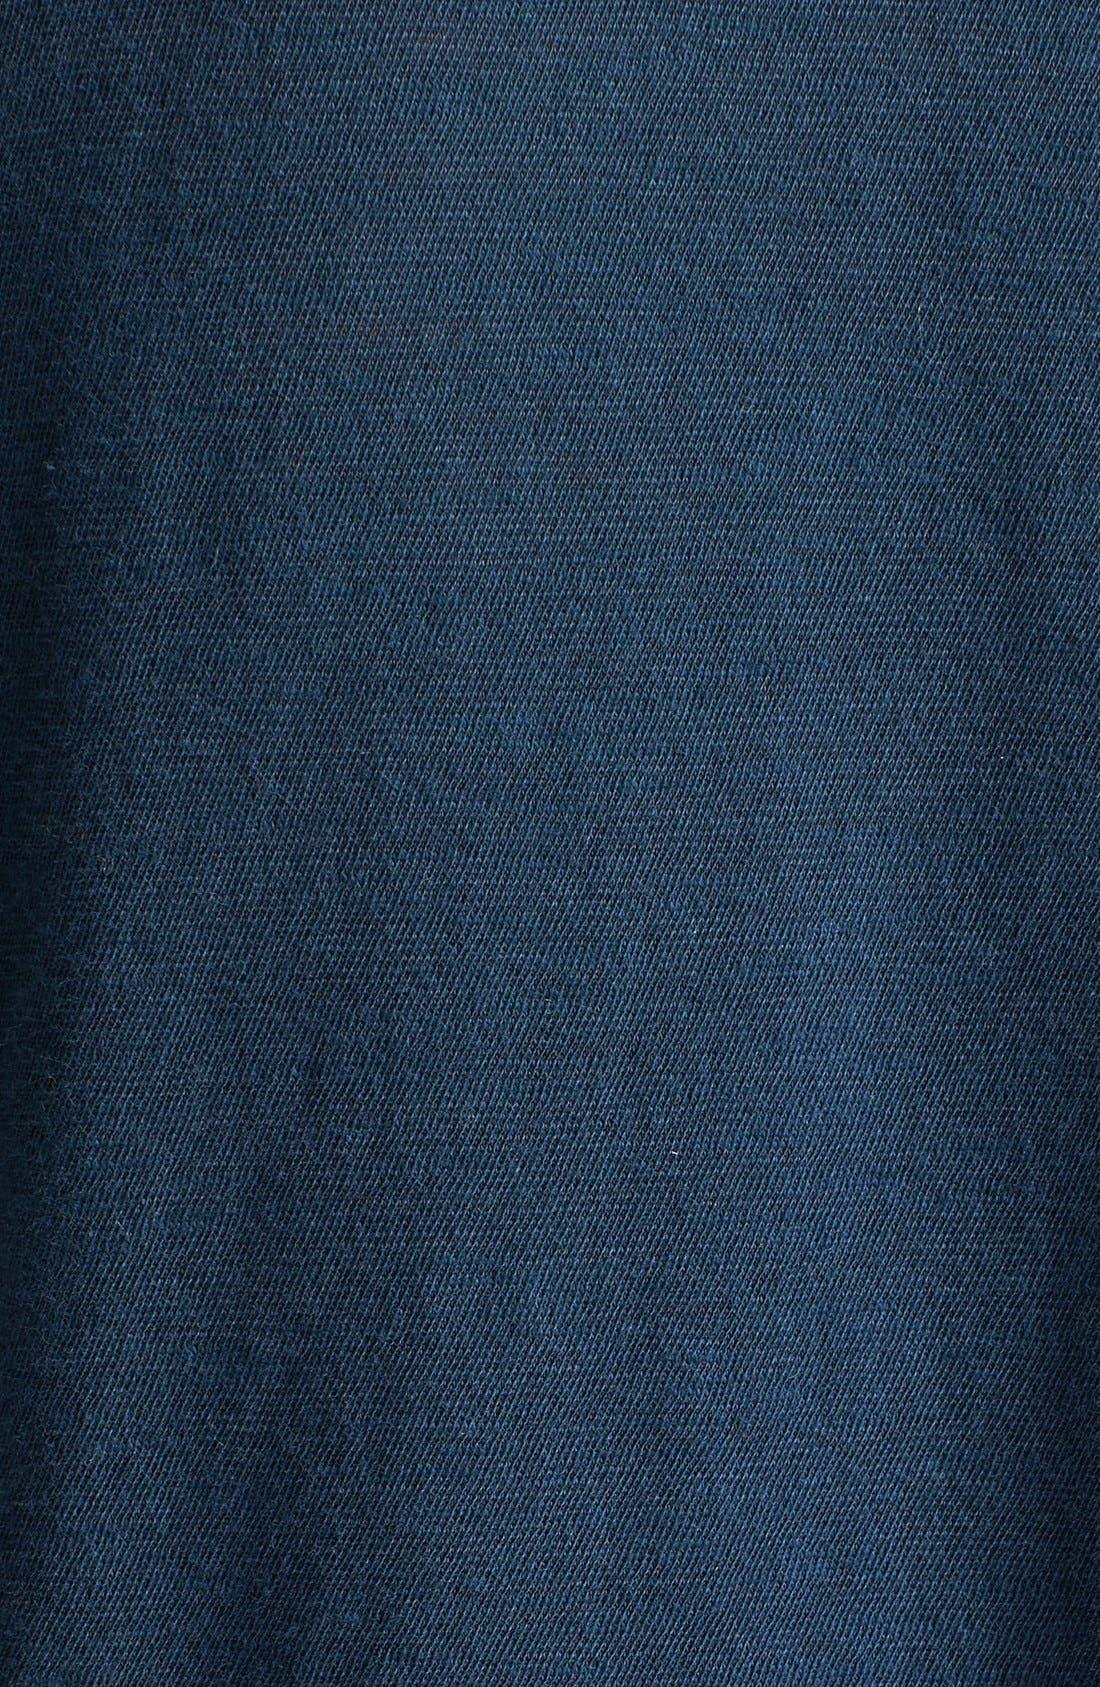 Alternate Image 3  - Vince Colorblock Slub Knit Tee